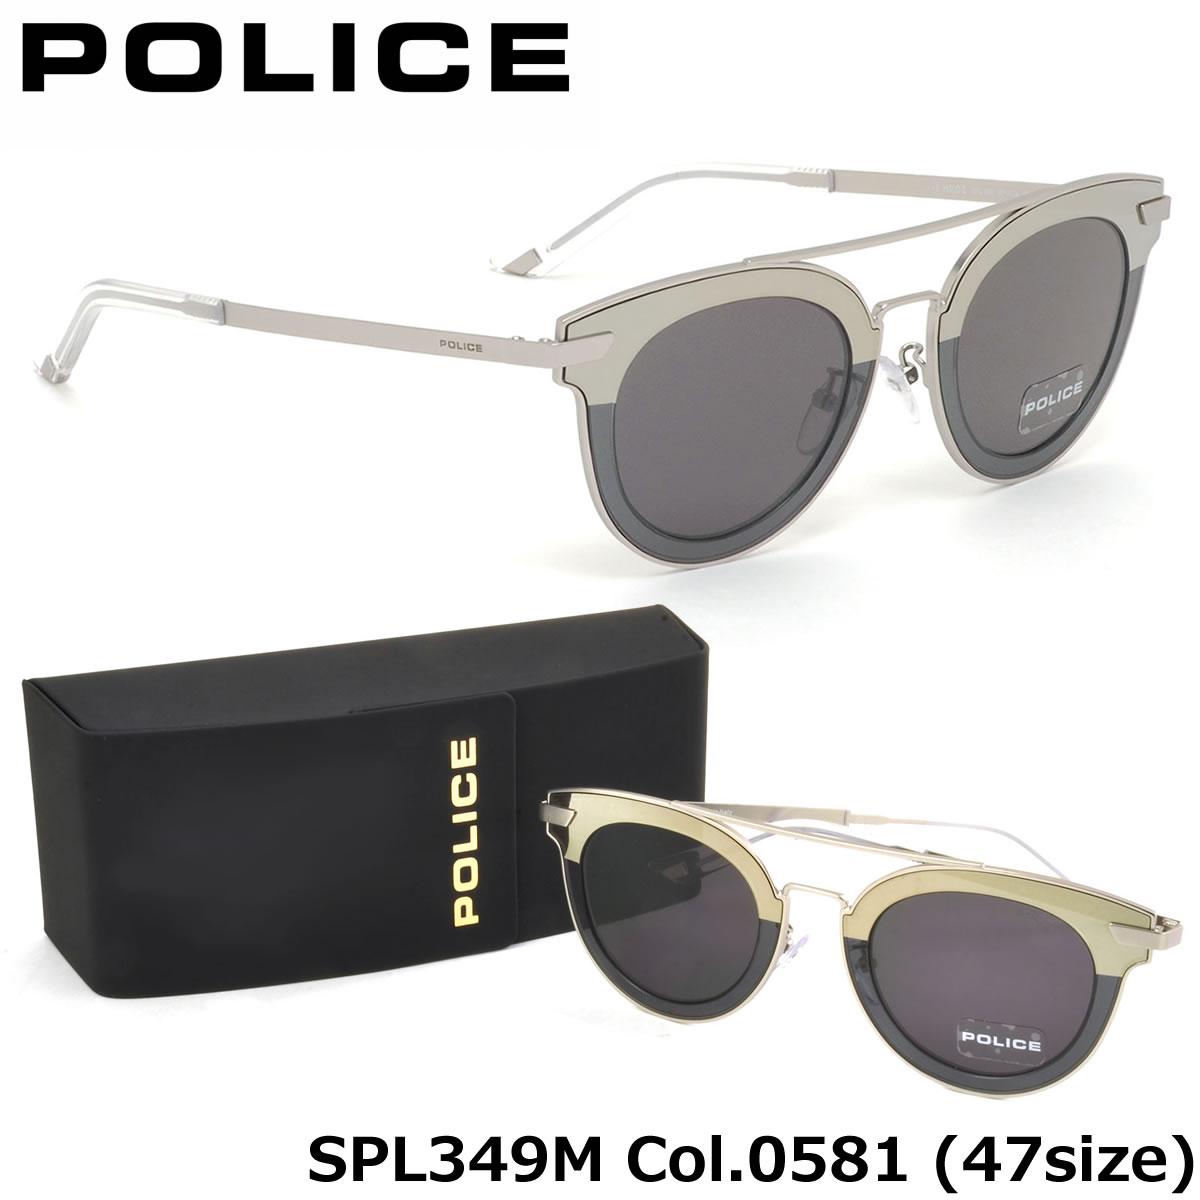 ポイント最大42倍!!お得なクーポンも !! 【ポリス】 (POLICE) サングラスSPL349M 0581 47サイズHALO2 3段階構成 ボストンPOLICE メンズ レディース ハーフカラー